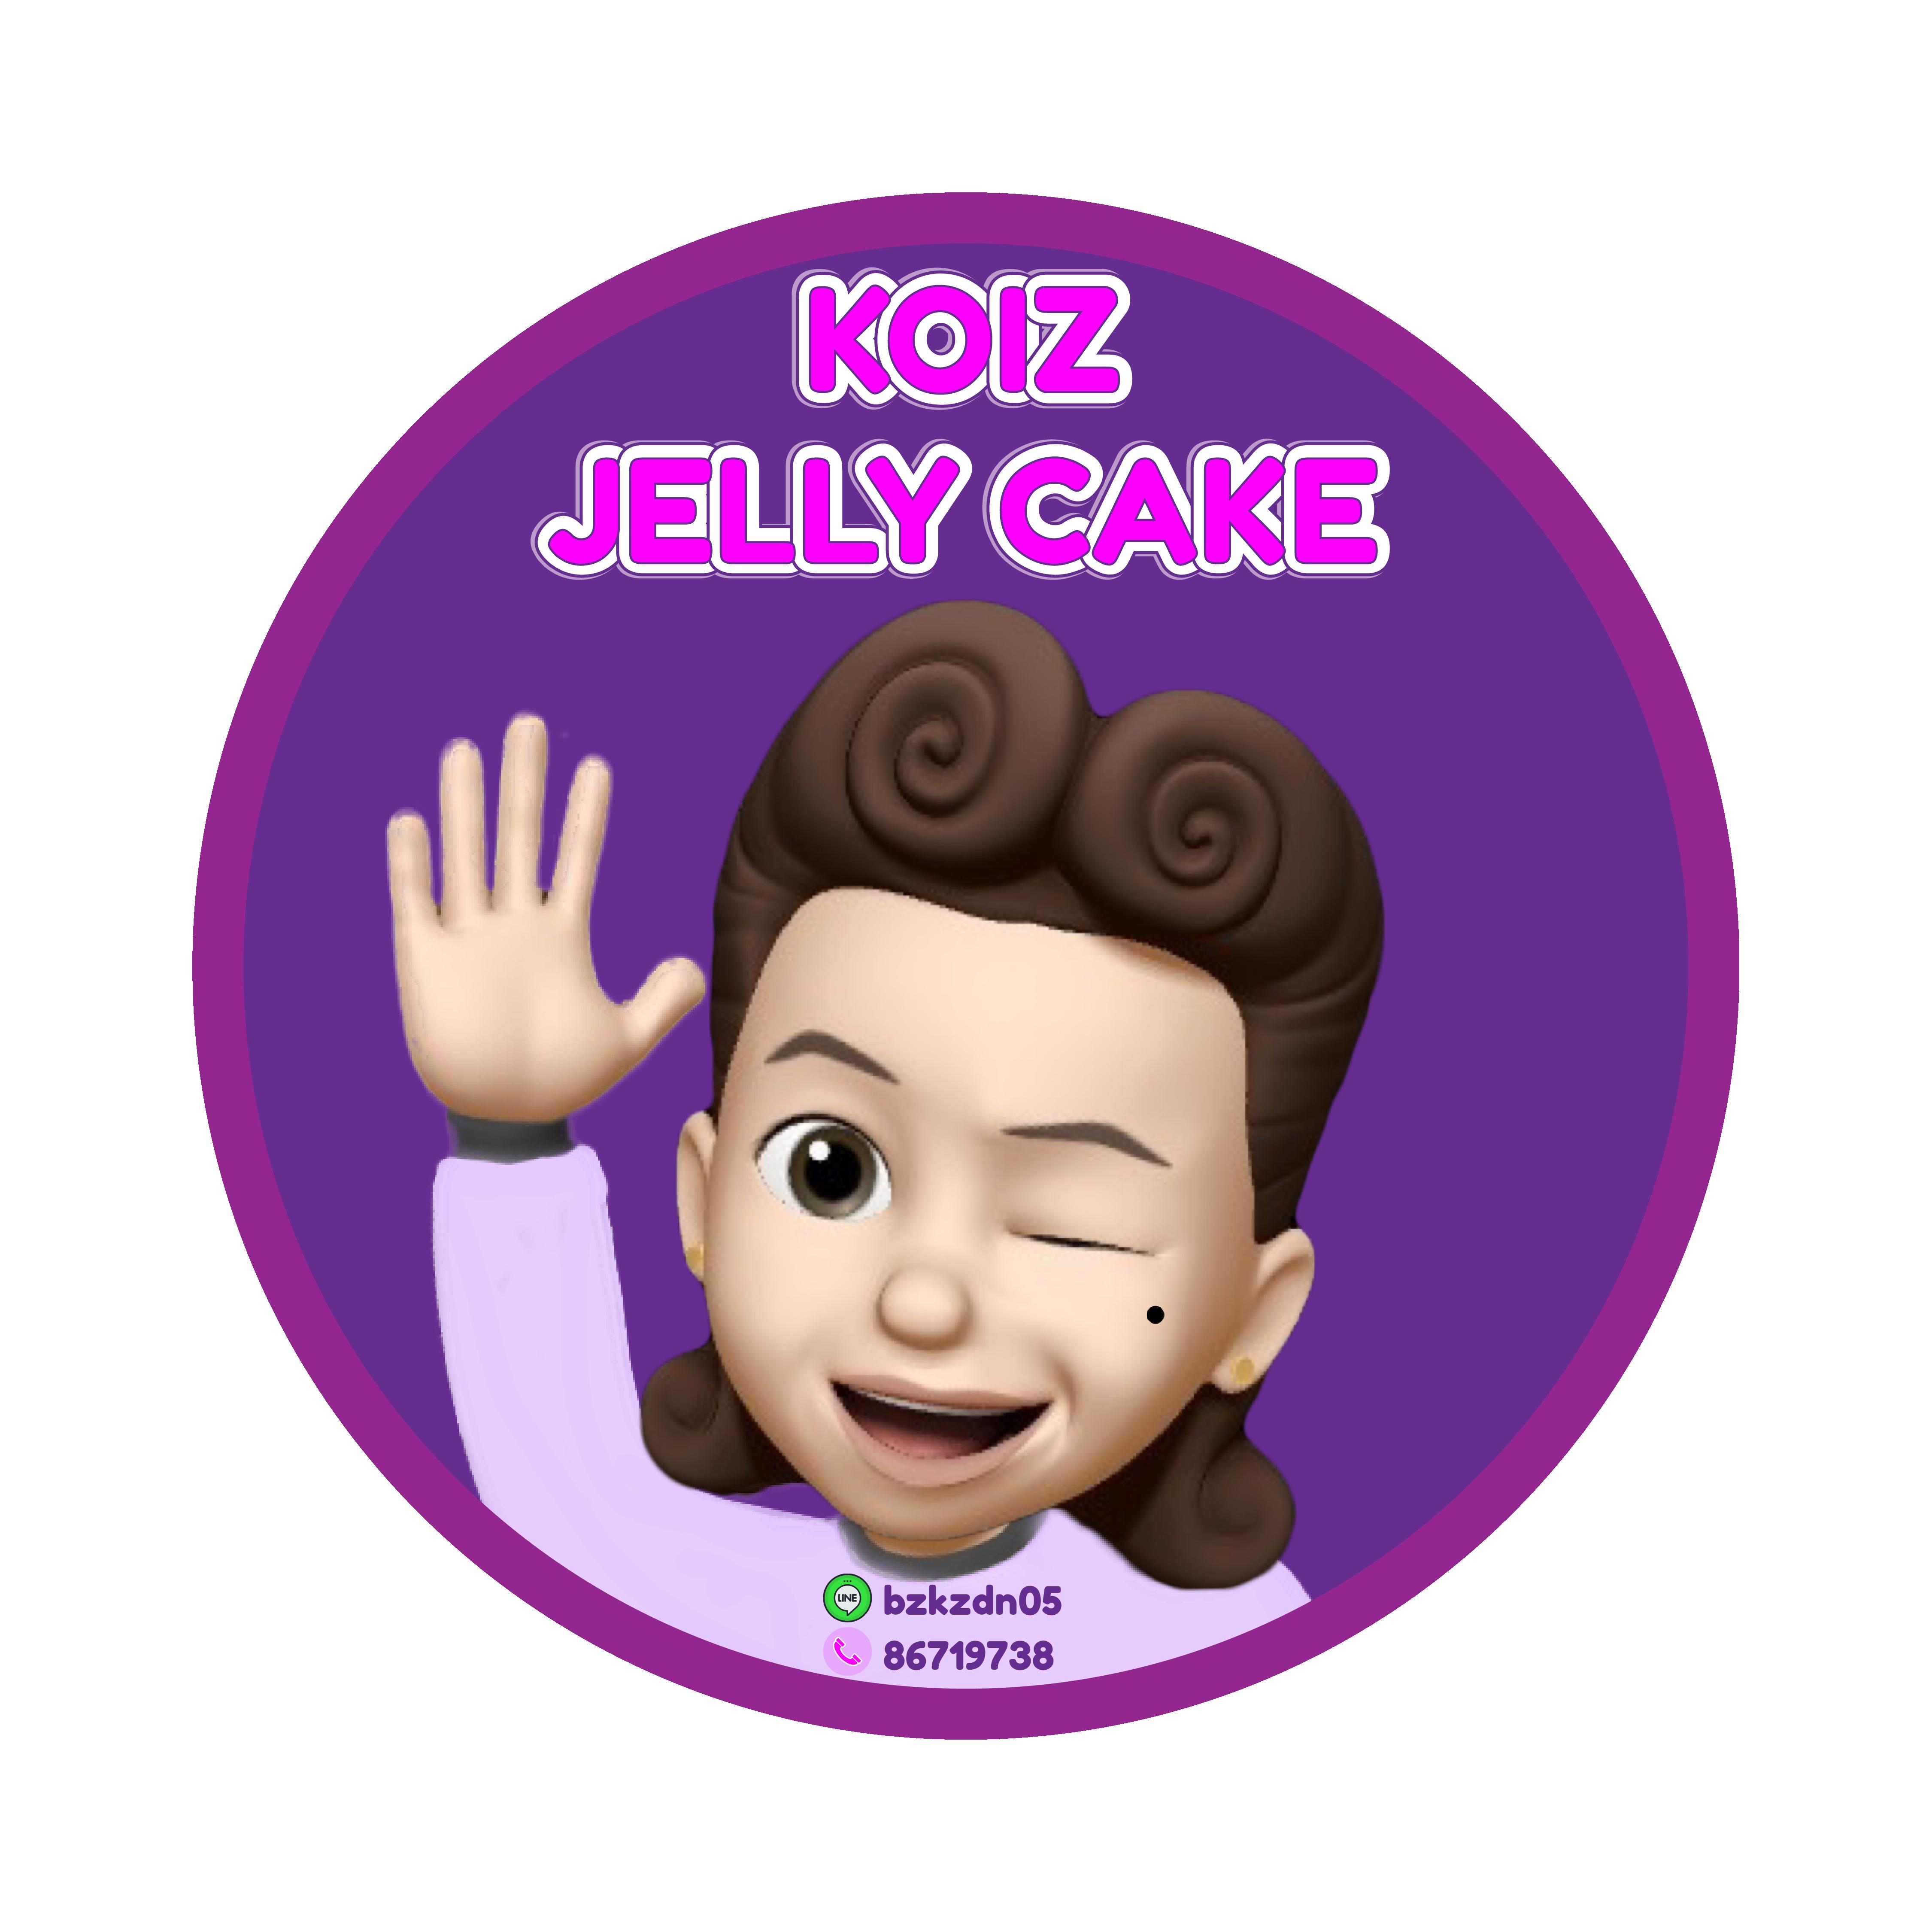 koiz-logo-png-05